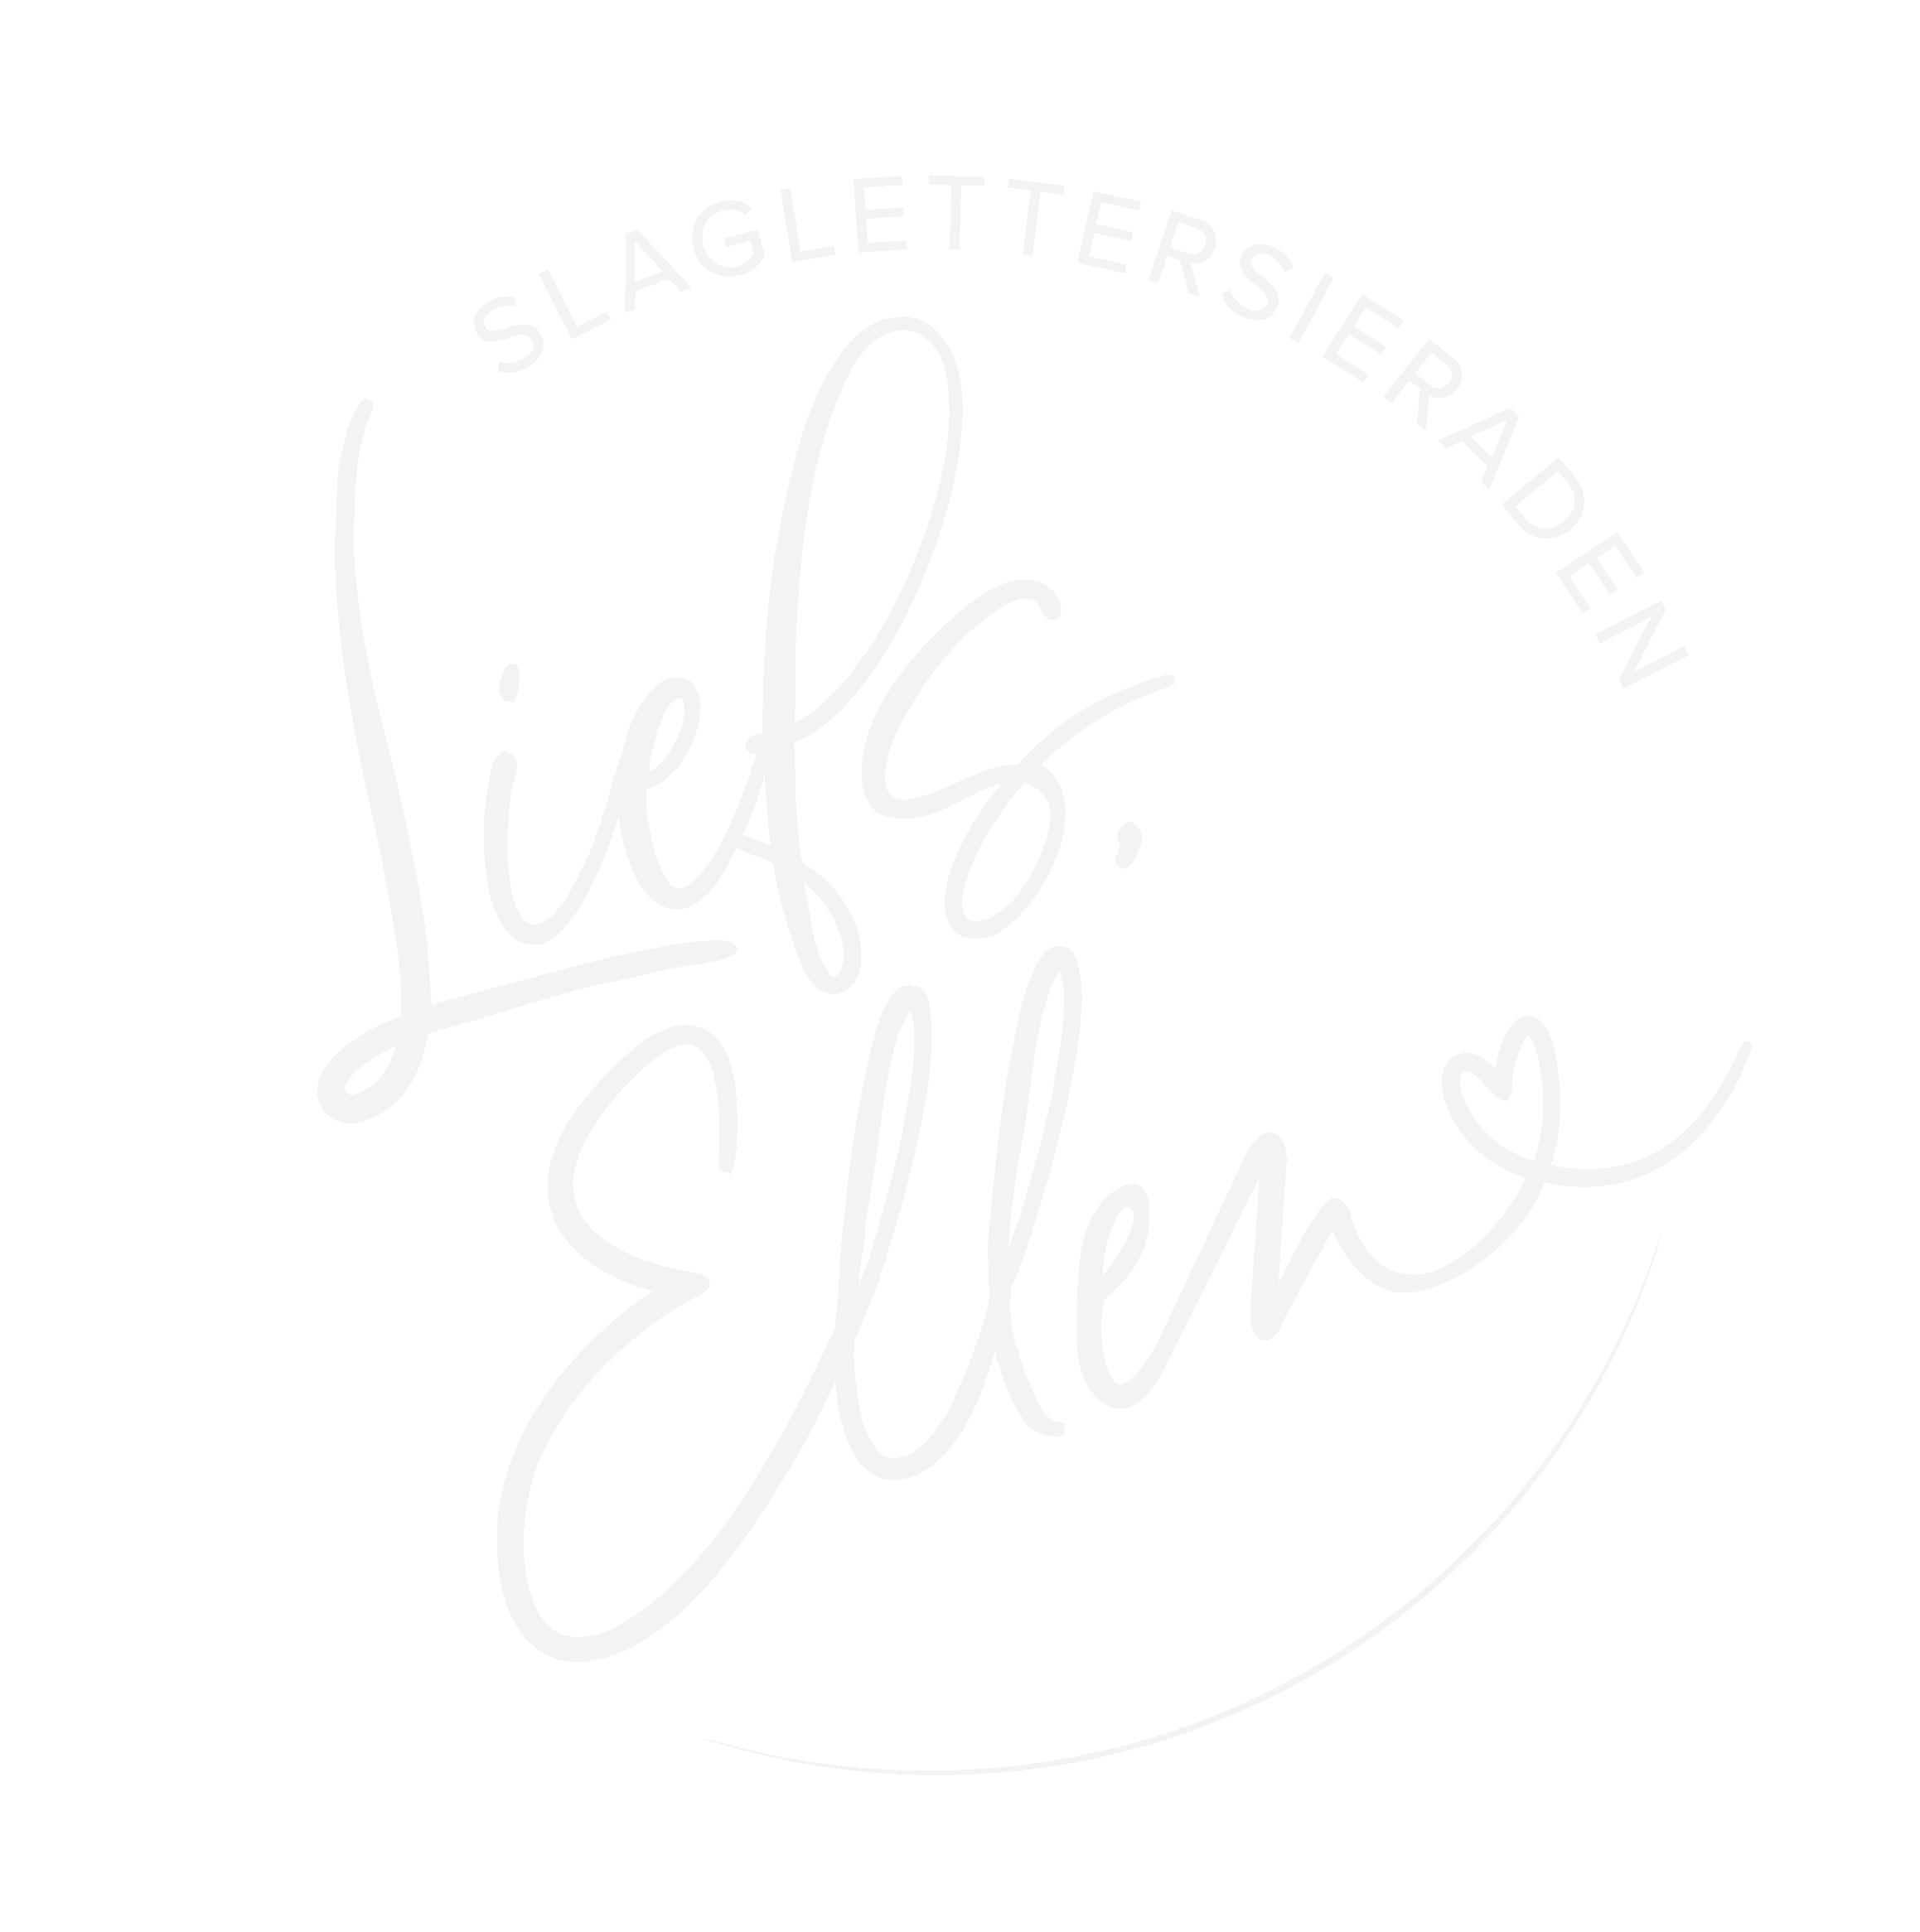 Liefs, Ellen